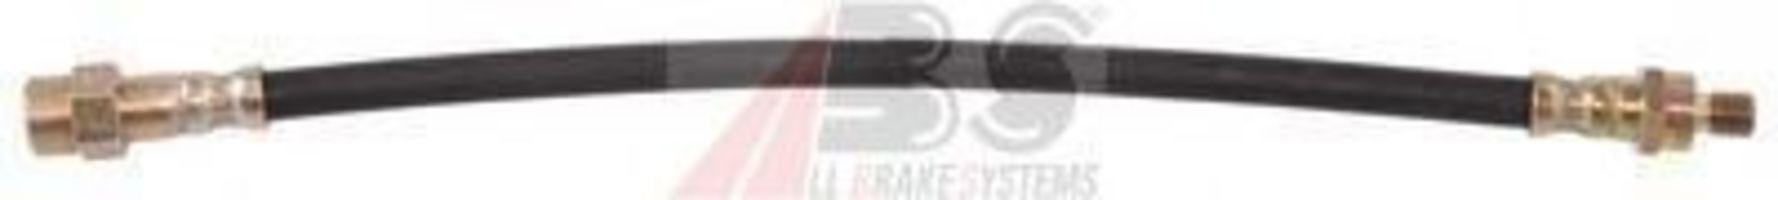 Тормозной шланг A.B.S. SL2237